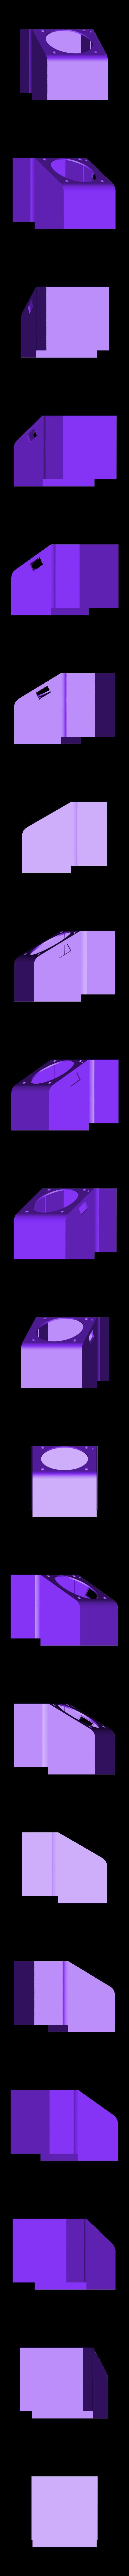 aparato.stl Télécharger fichier STL gratuit mini climatiseur de bureau • Objet pour impression 3D, 3liasD